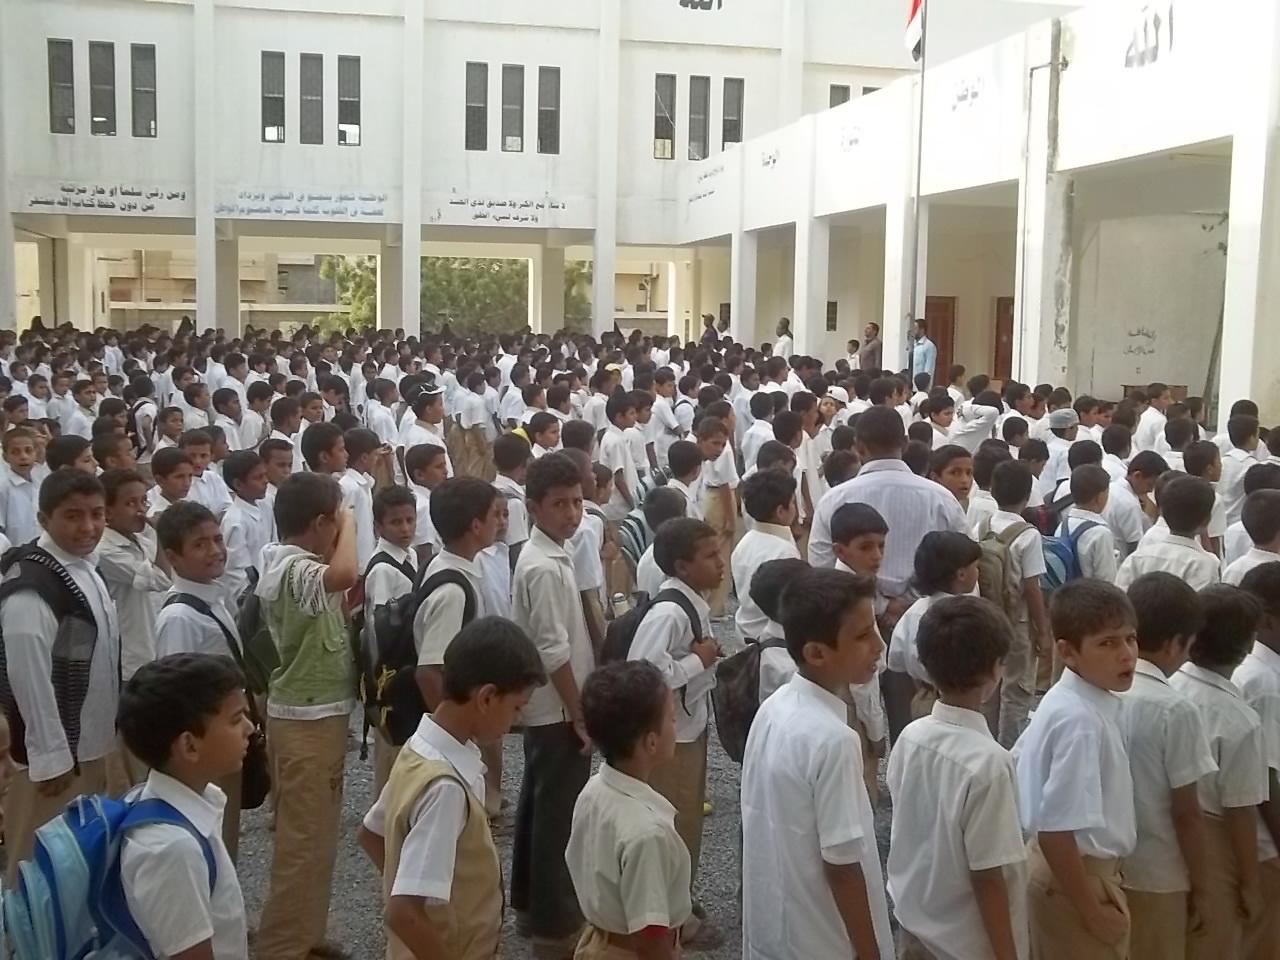 100 0994       مدارس الحديدة تستعد للأحتفال باليوبيل الذهبي لثورة الـ26 من سبتمبر